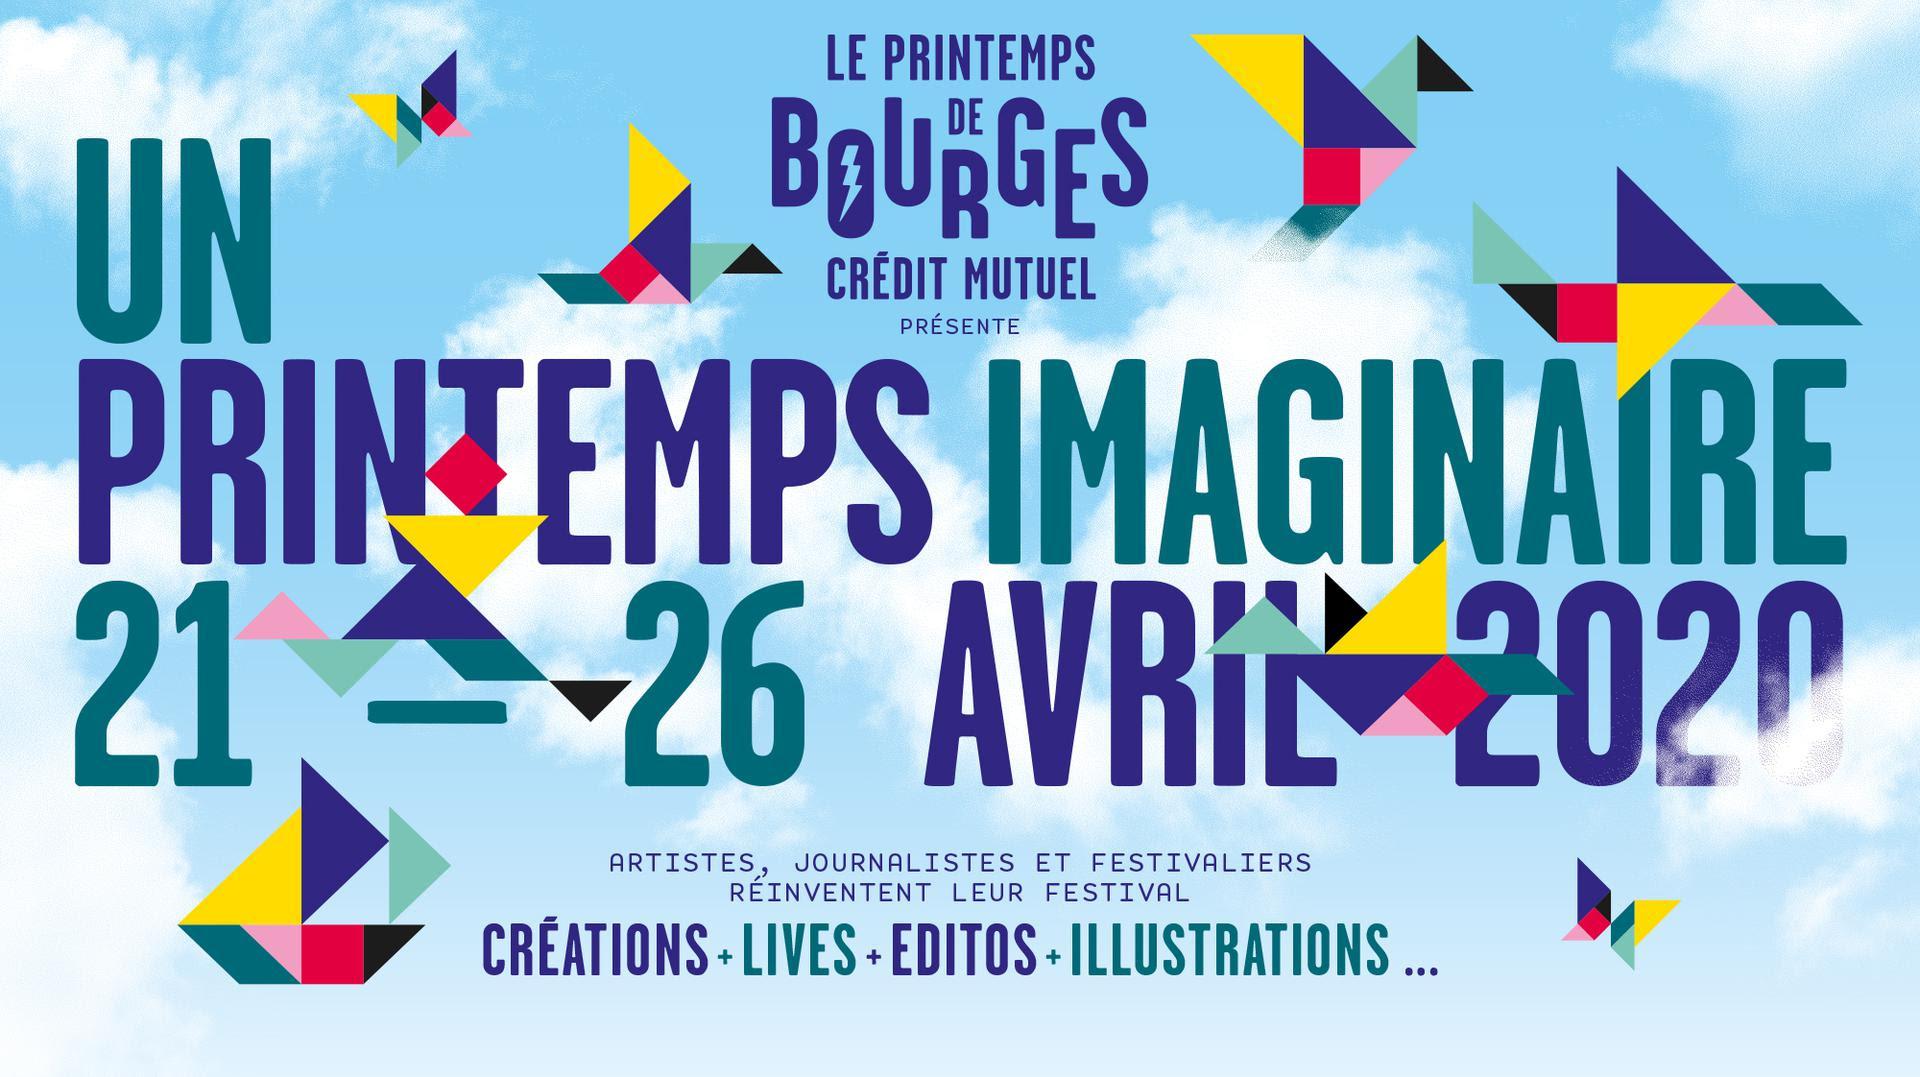 UN PRINTEMPS IMAGINAIRE DU 21 AU 26 AVRIL 2020